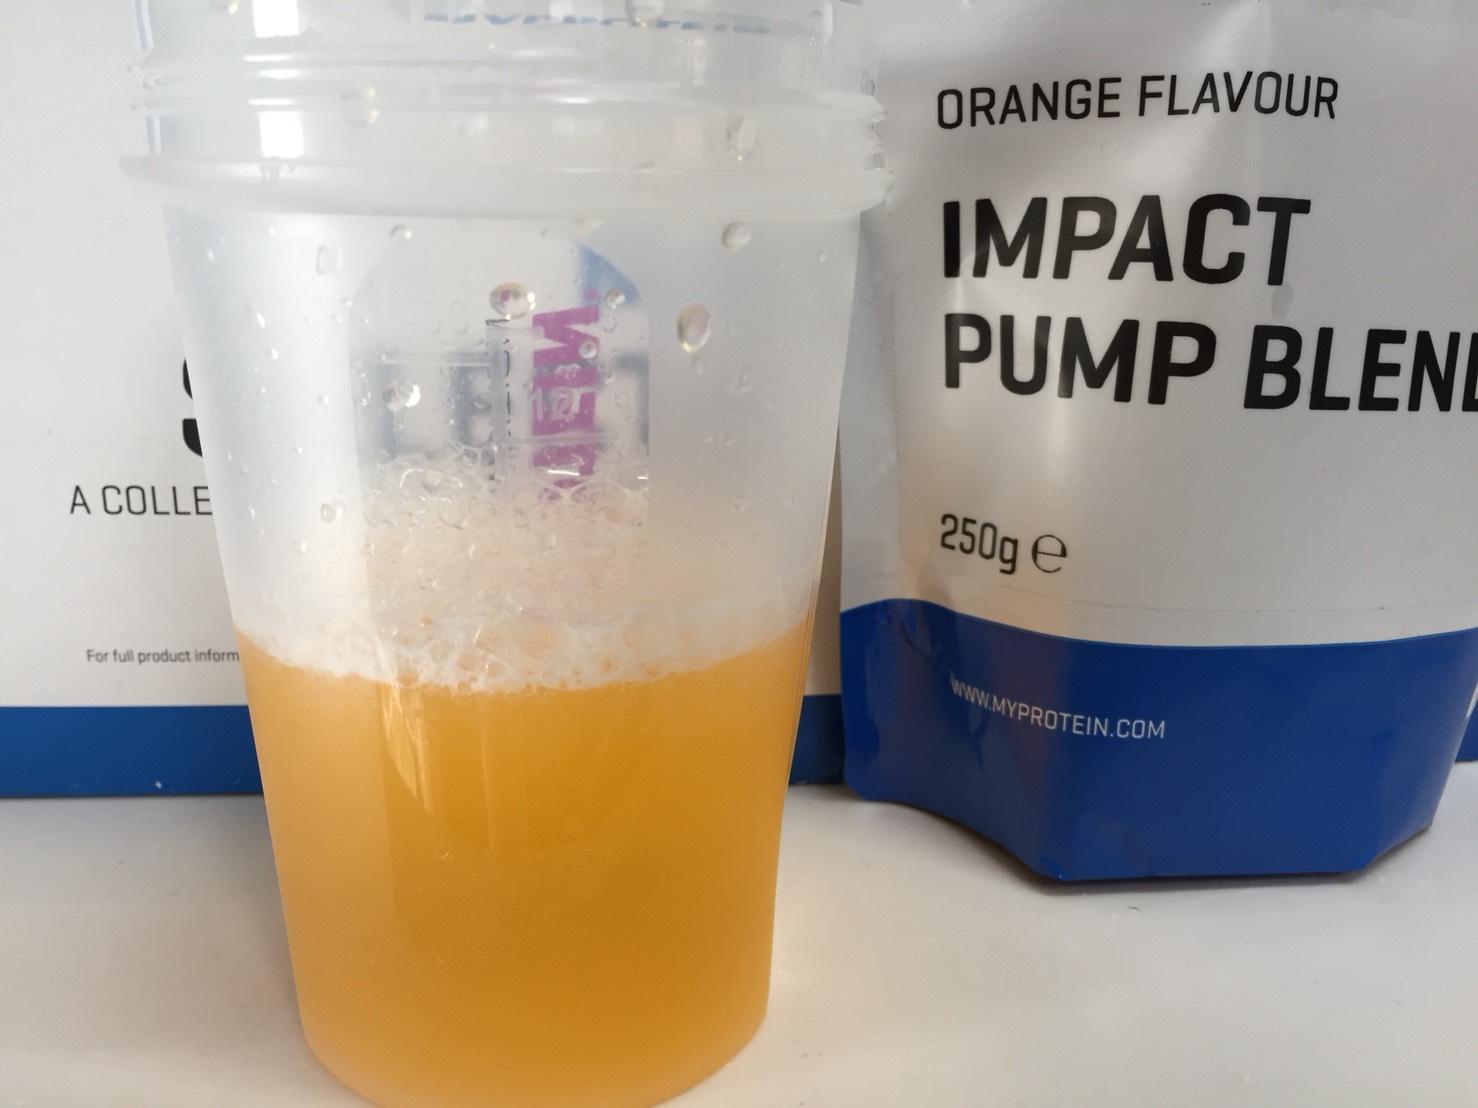 マイプロテインのIMPACT PUMP BLEND(インパクトパンプブレンド)「ORANGE FLAVOUR(オレンジ味)」をレビュー。果汁30%のオレンジジュースのような味。癖のない味で飲みやすい。